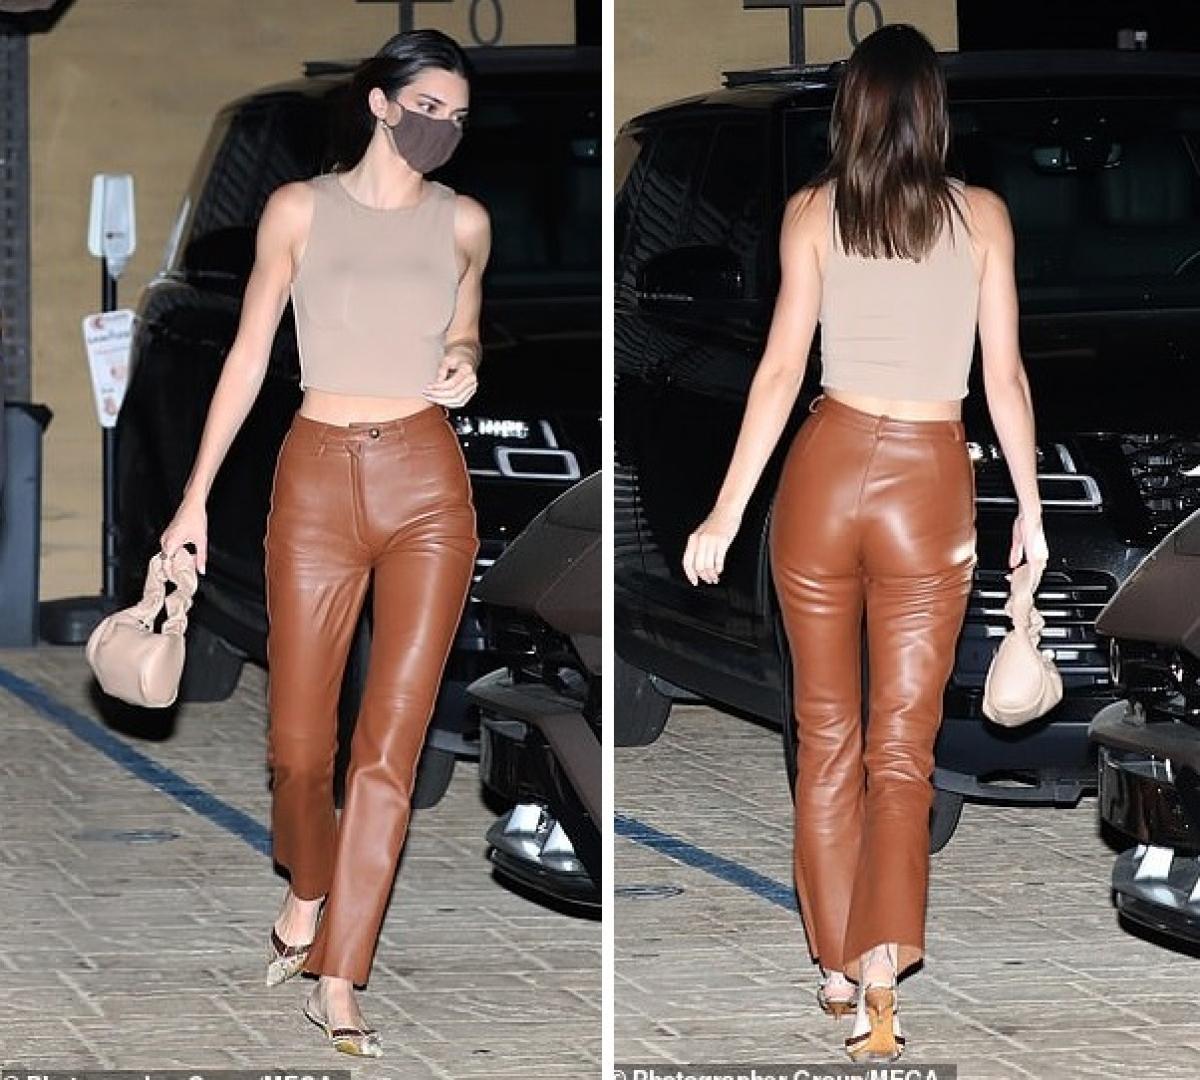 Người đẹp sinh ra trong gia đình nổi tiếng, là em cùng mẹ khác cha của Kim Kardashian nhưng cô sở hữu chiều cao vượt trội 1m79, gương mặt xinh đẹp và body tuyệt mỹ.